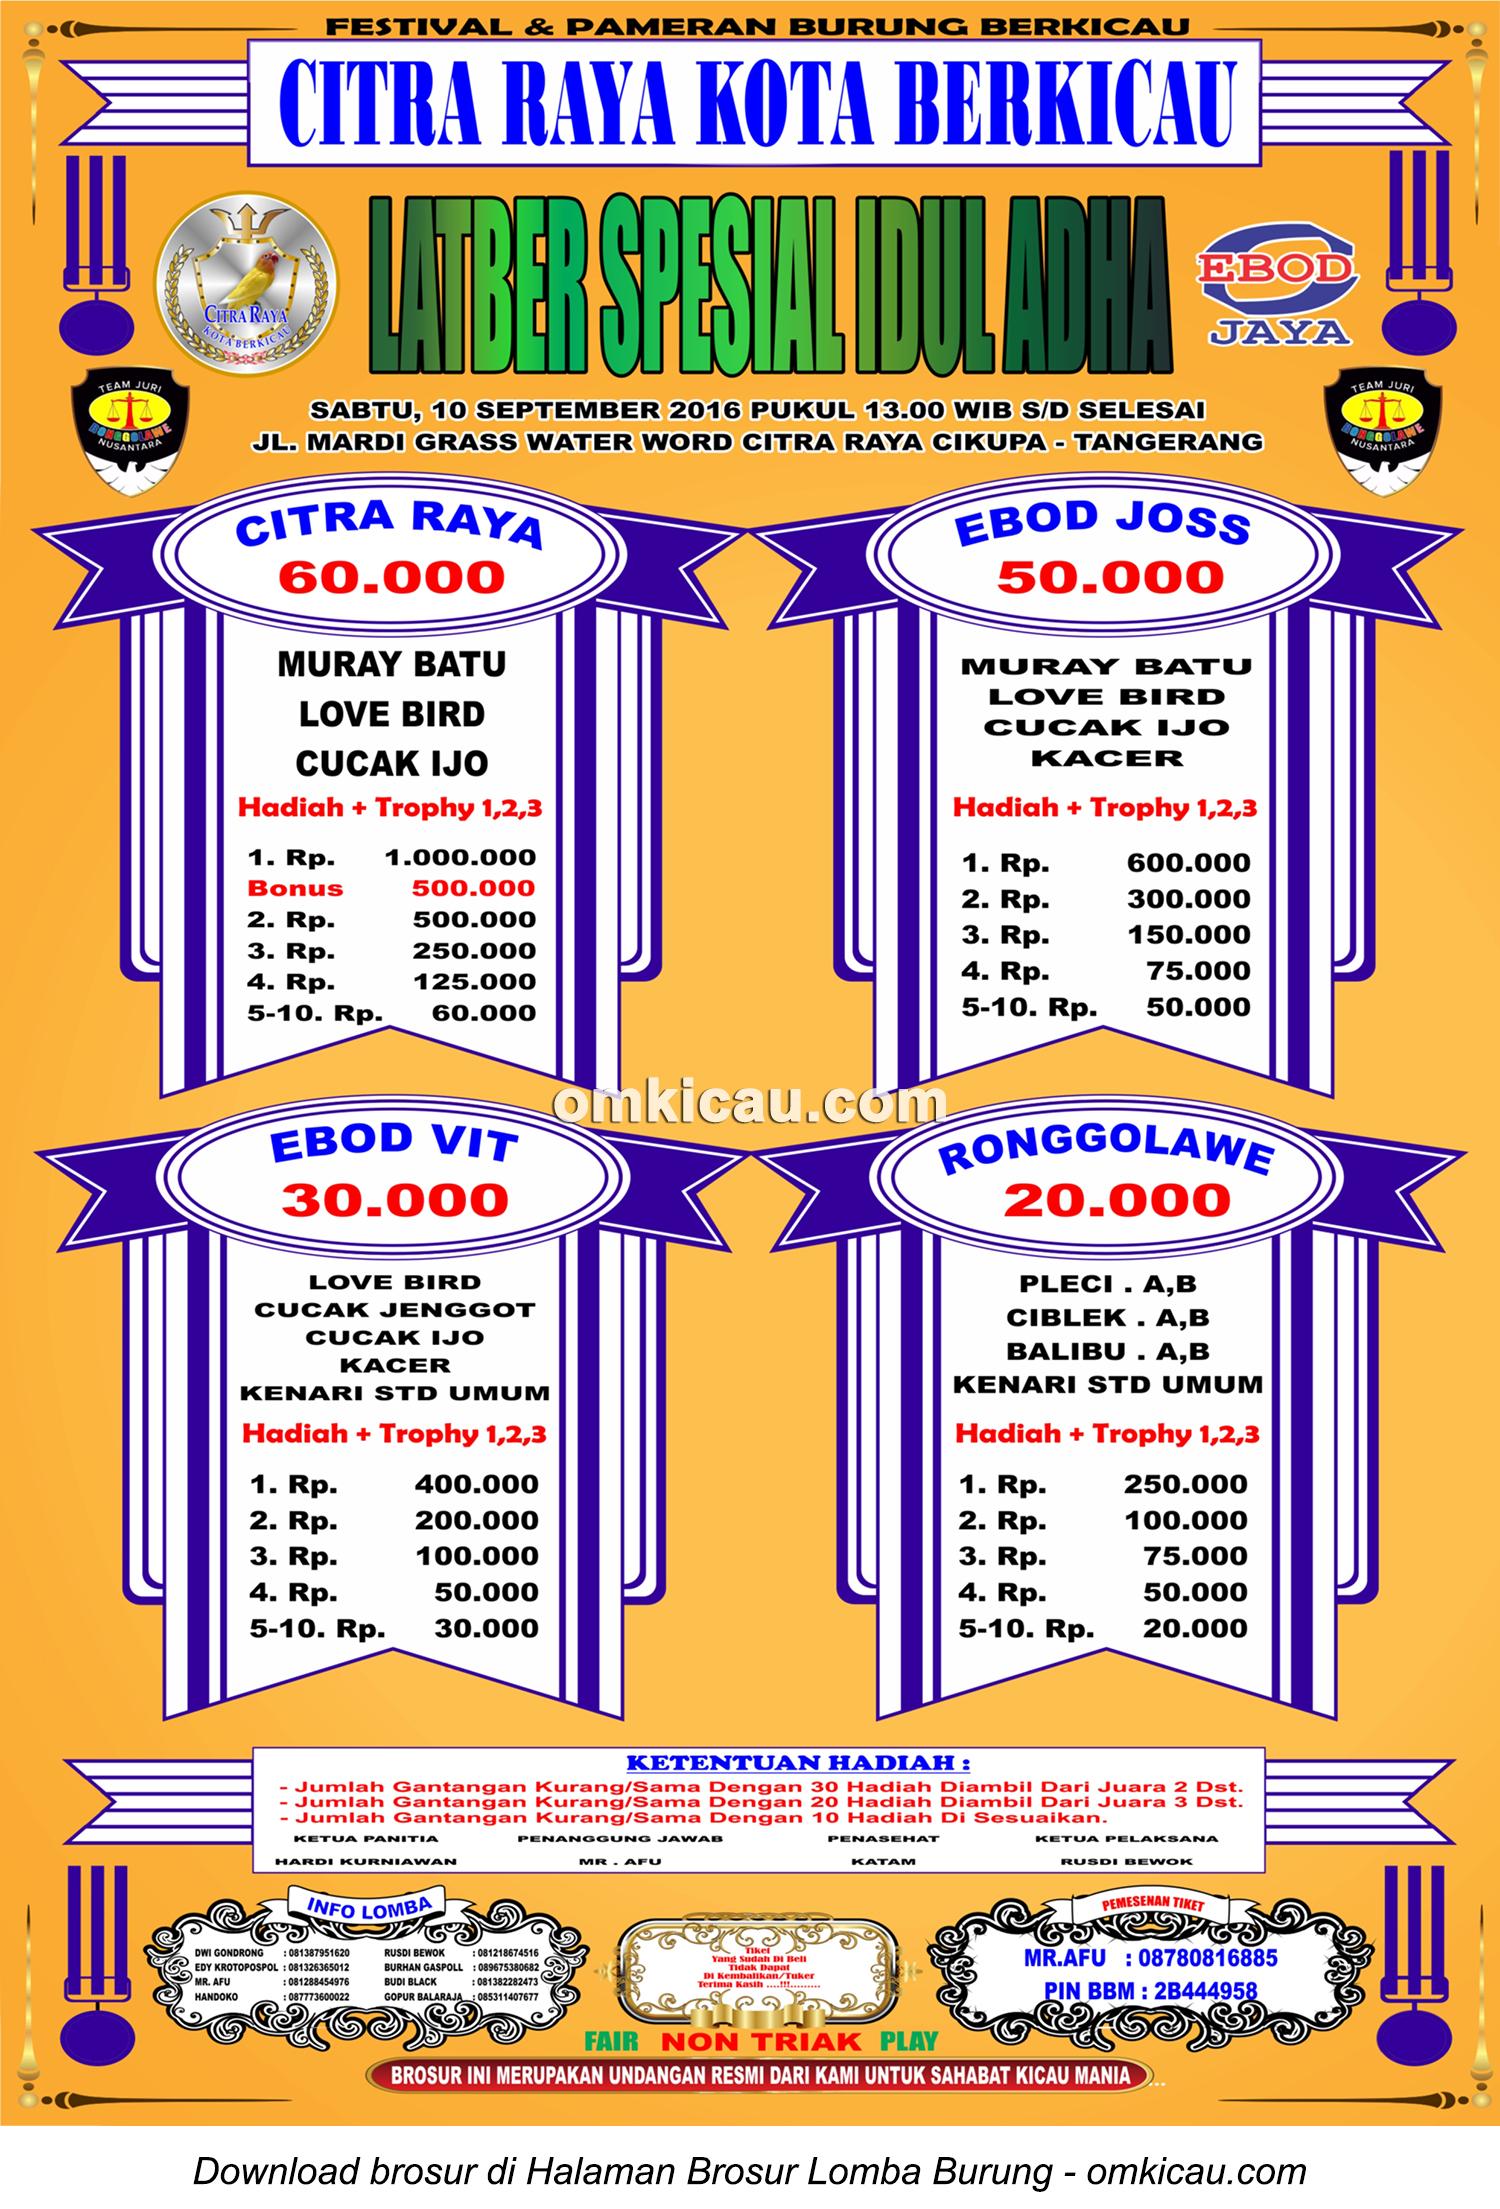 Brosur Latber Spesial Idul Adha Citra Raya, Tangerang, 10 September 2016